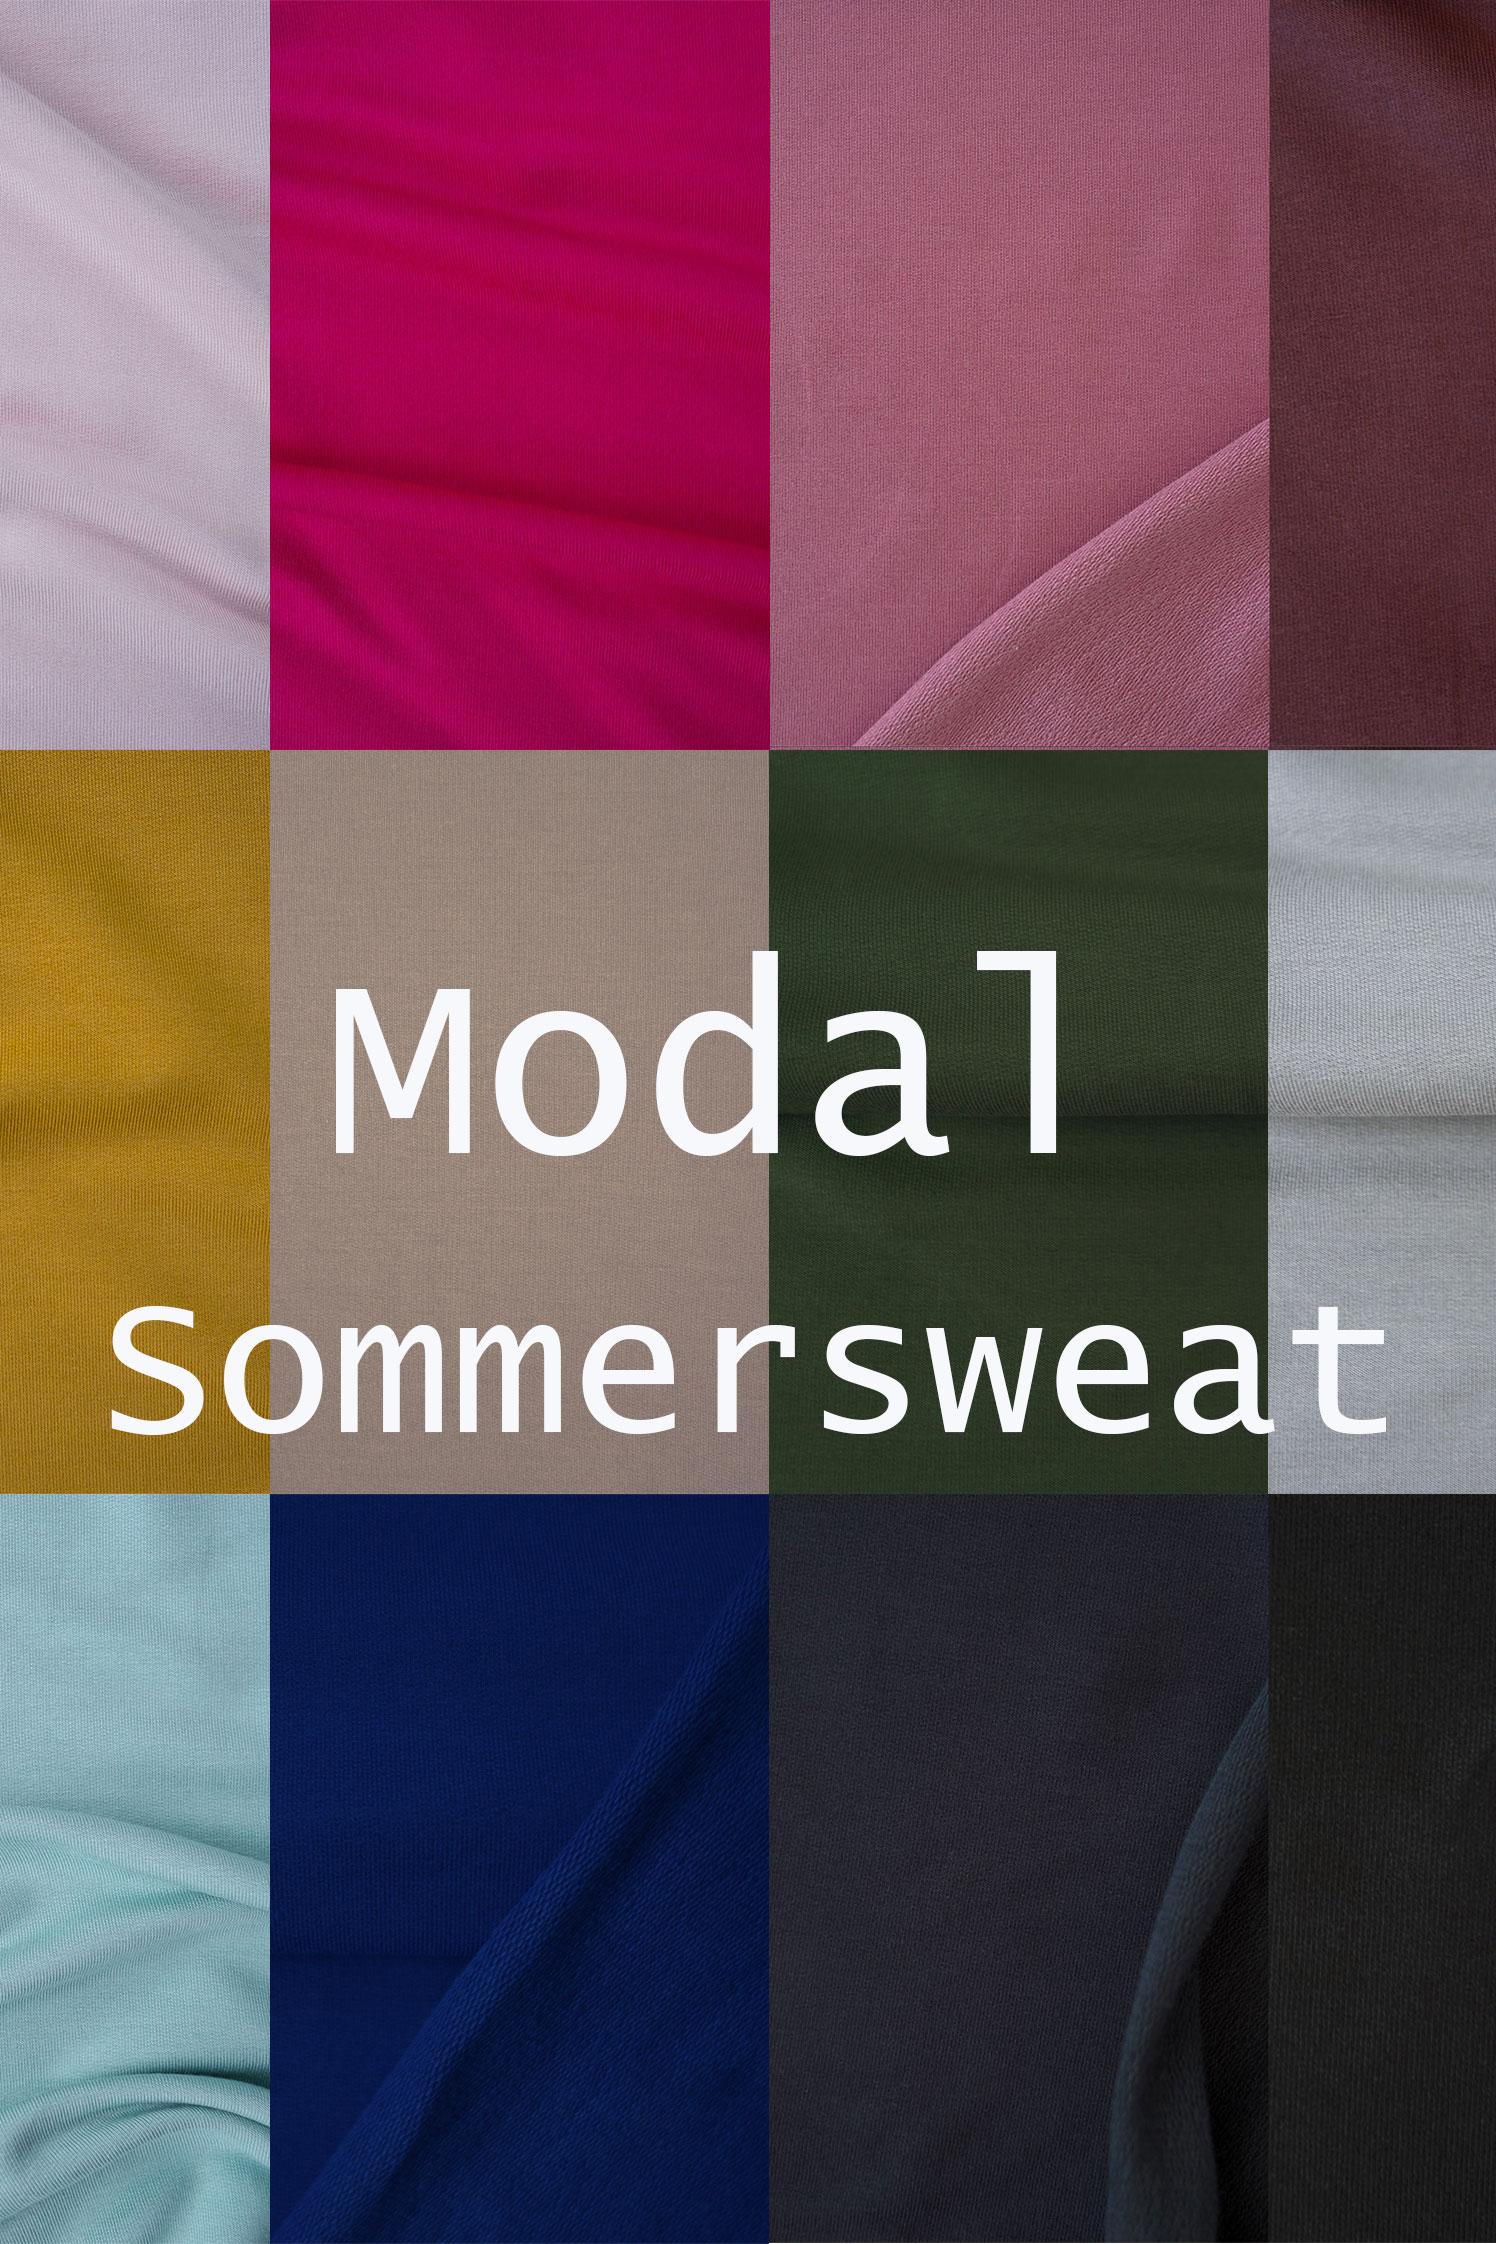 Modal Sommersweat bei farbenmix.de